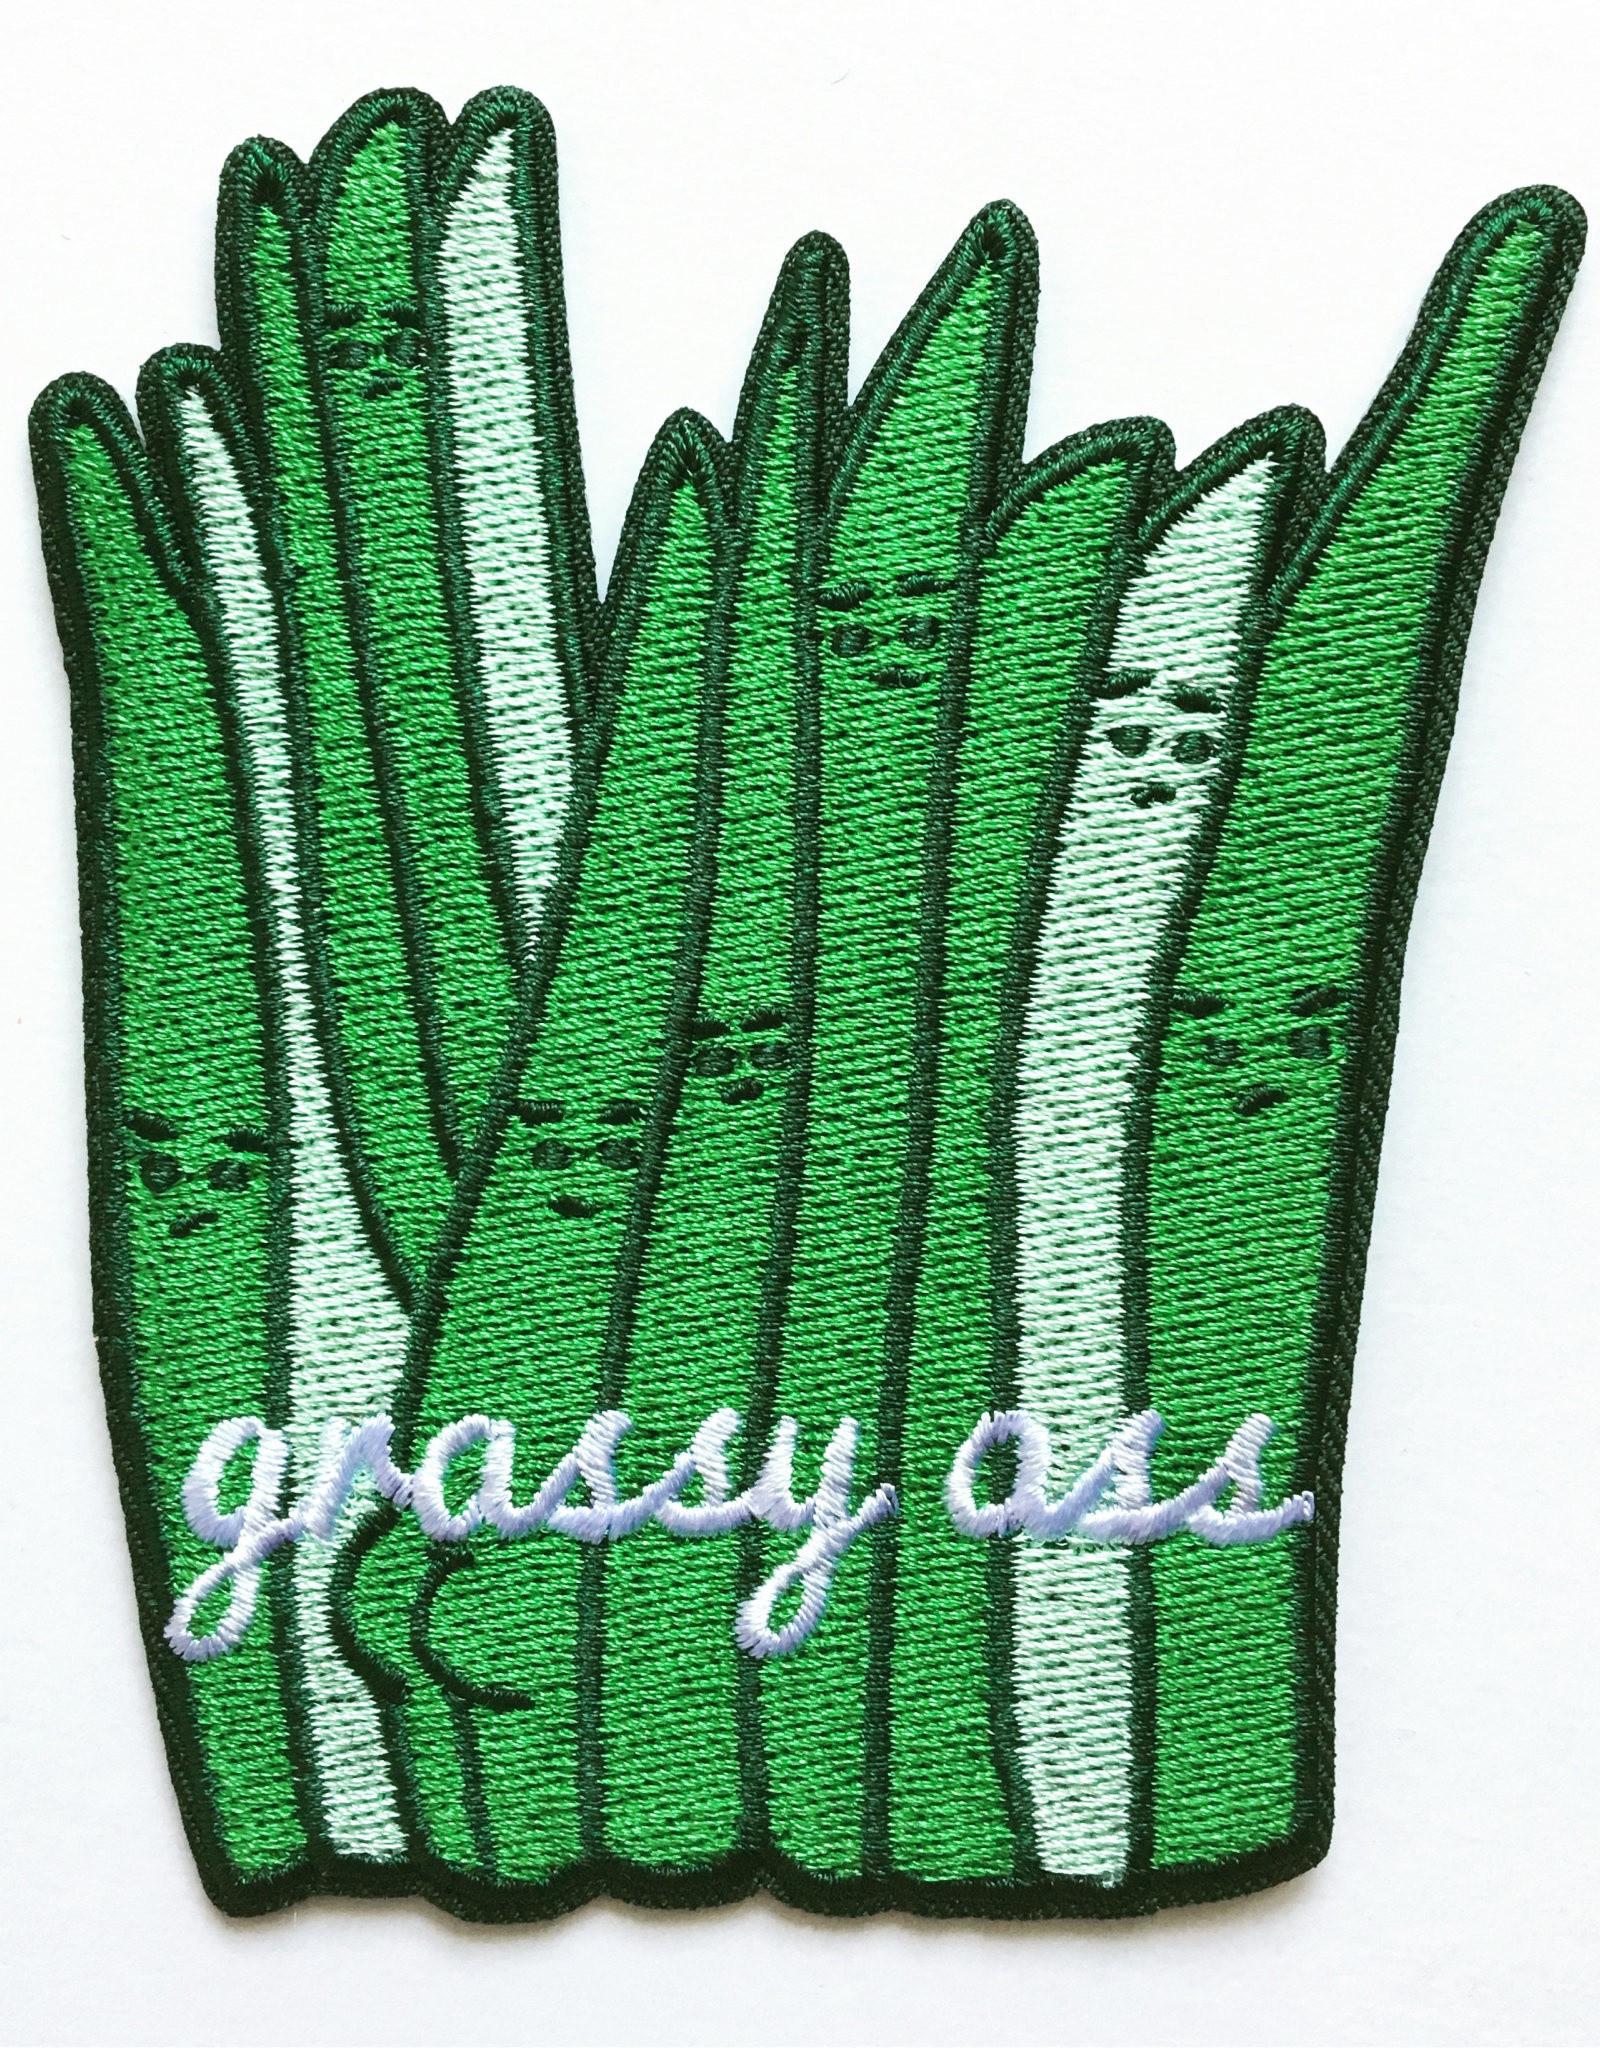 Grassy Ass Patch